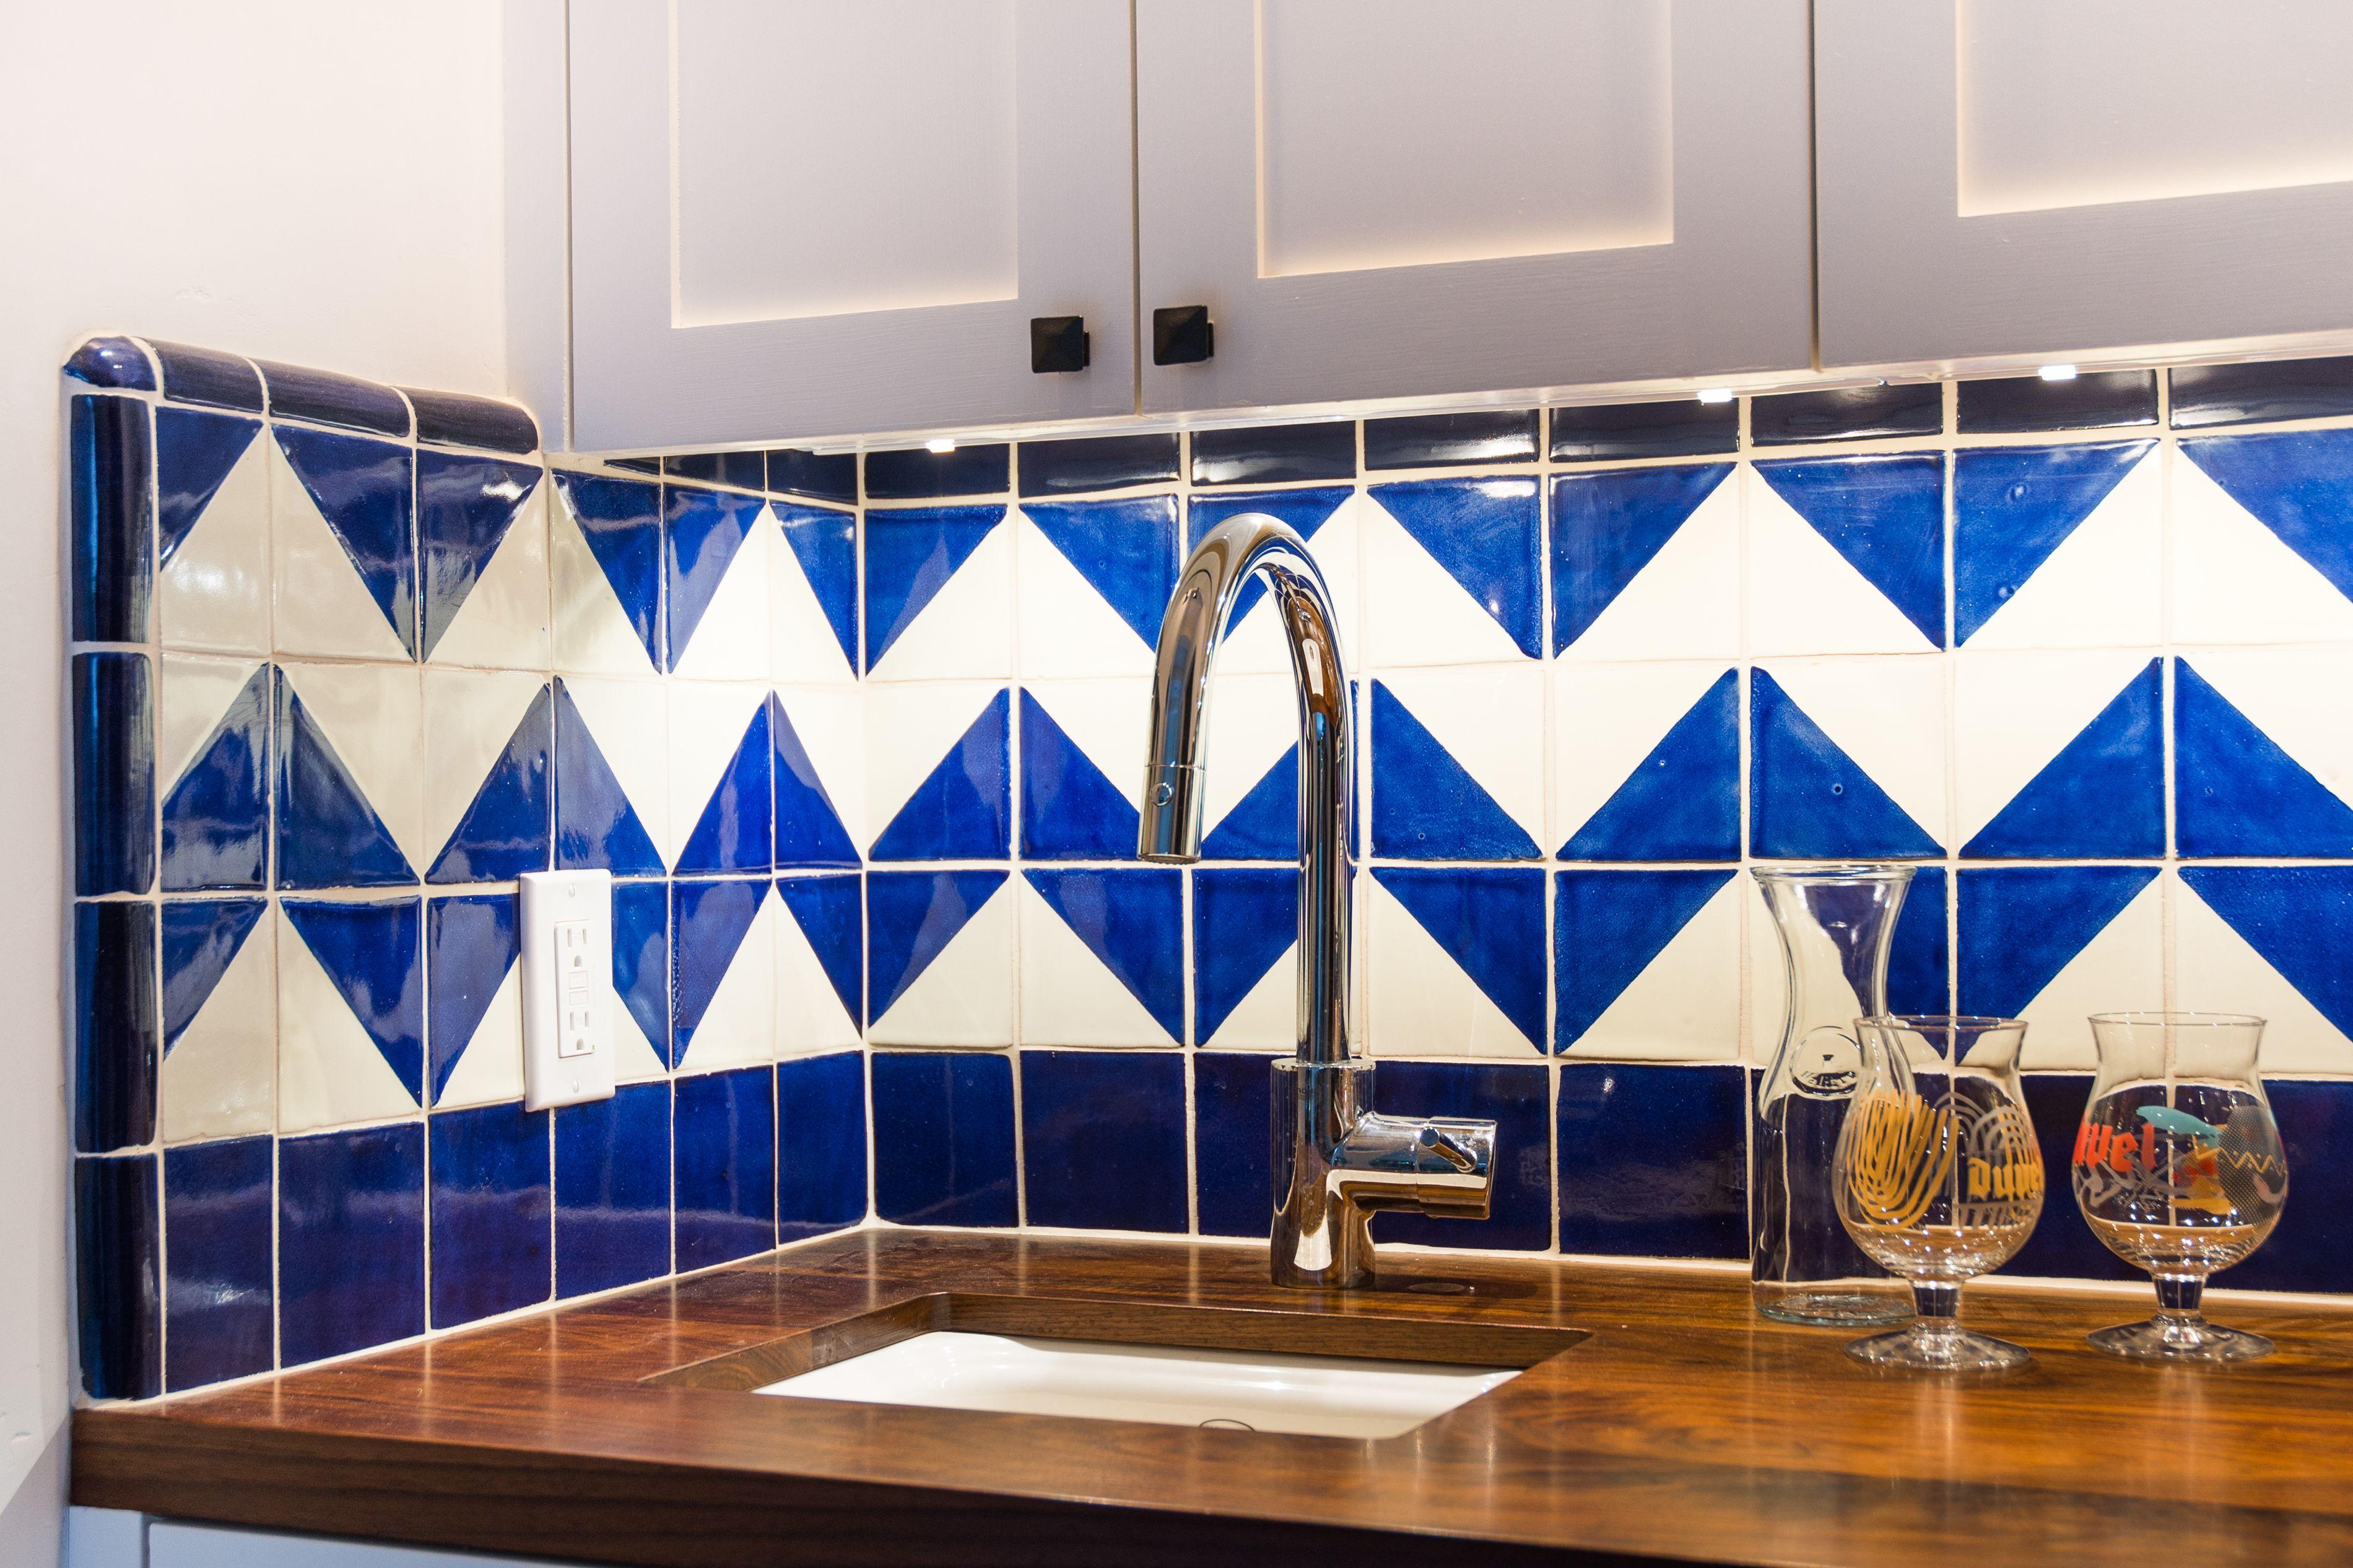 #kitchen #kitchenideas #kitchendesign #dreamkitchen #interiordesign #homeideas #modernkitchen #appliances #houseideas #missionwestkitchenandbath